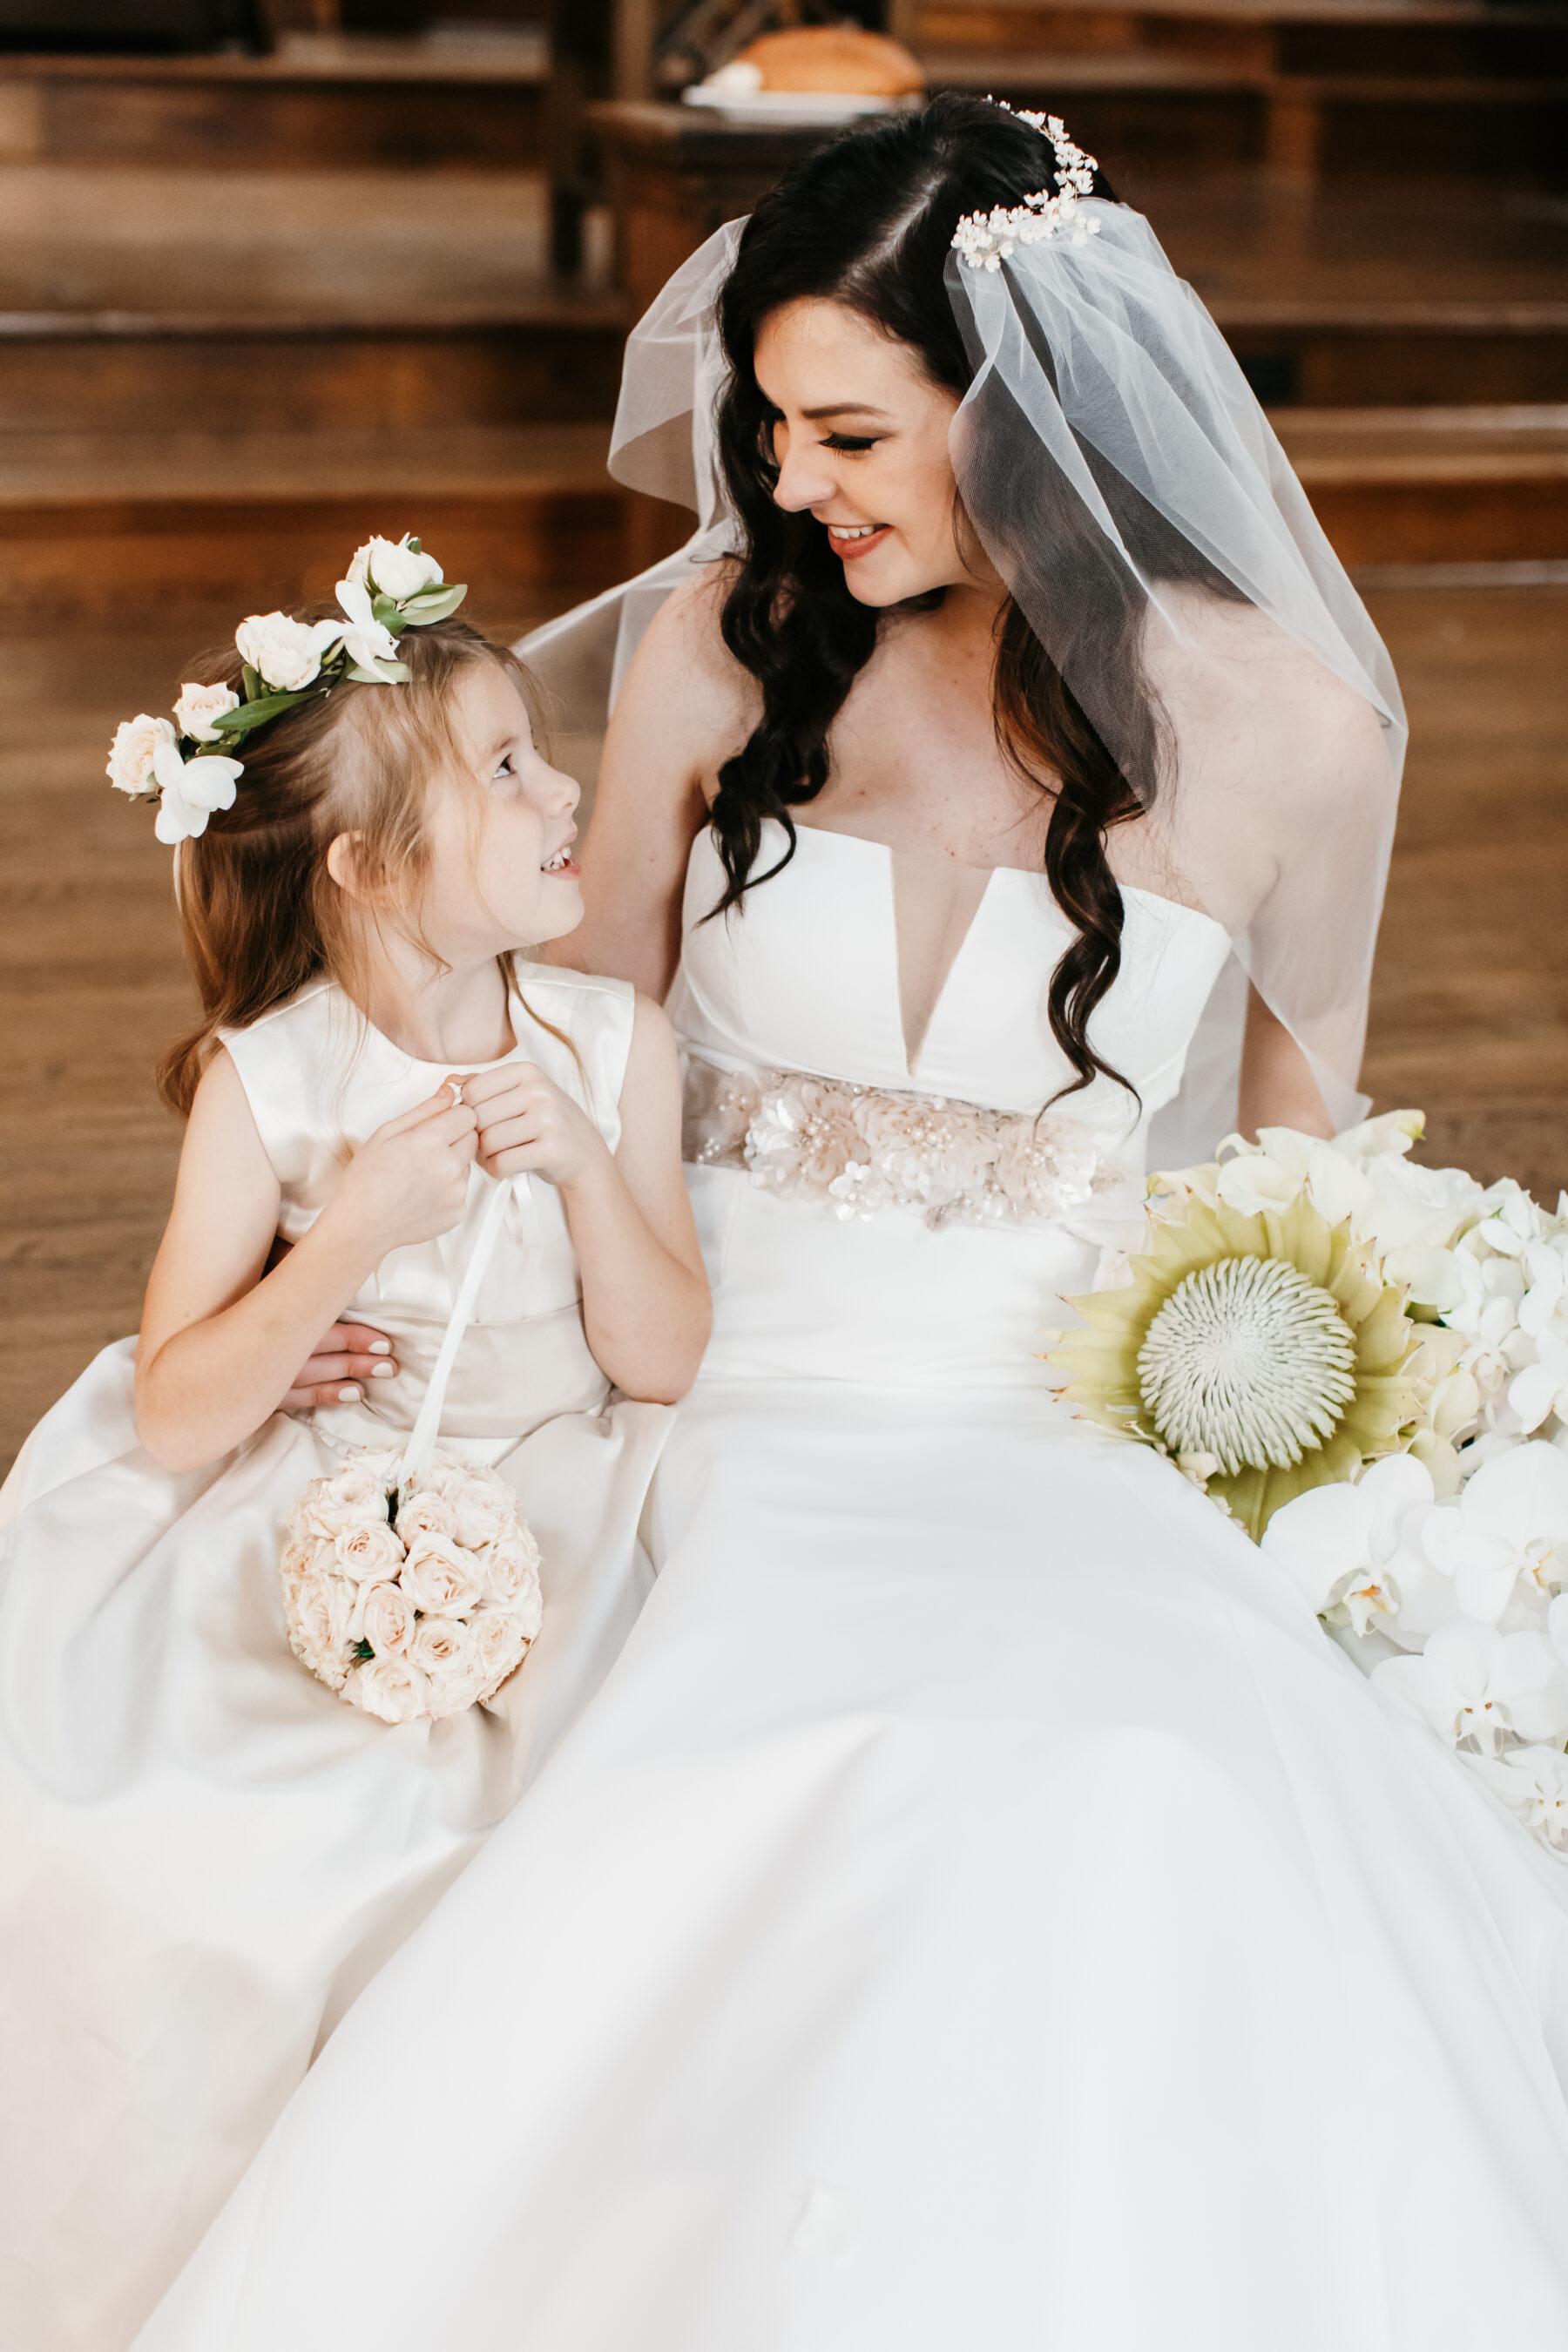 Bride and flower girl wedding portrait | Nashville Bride Guide